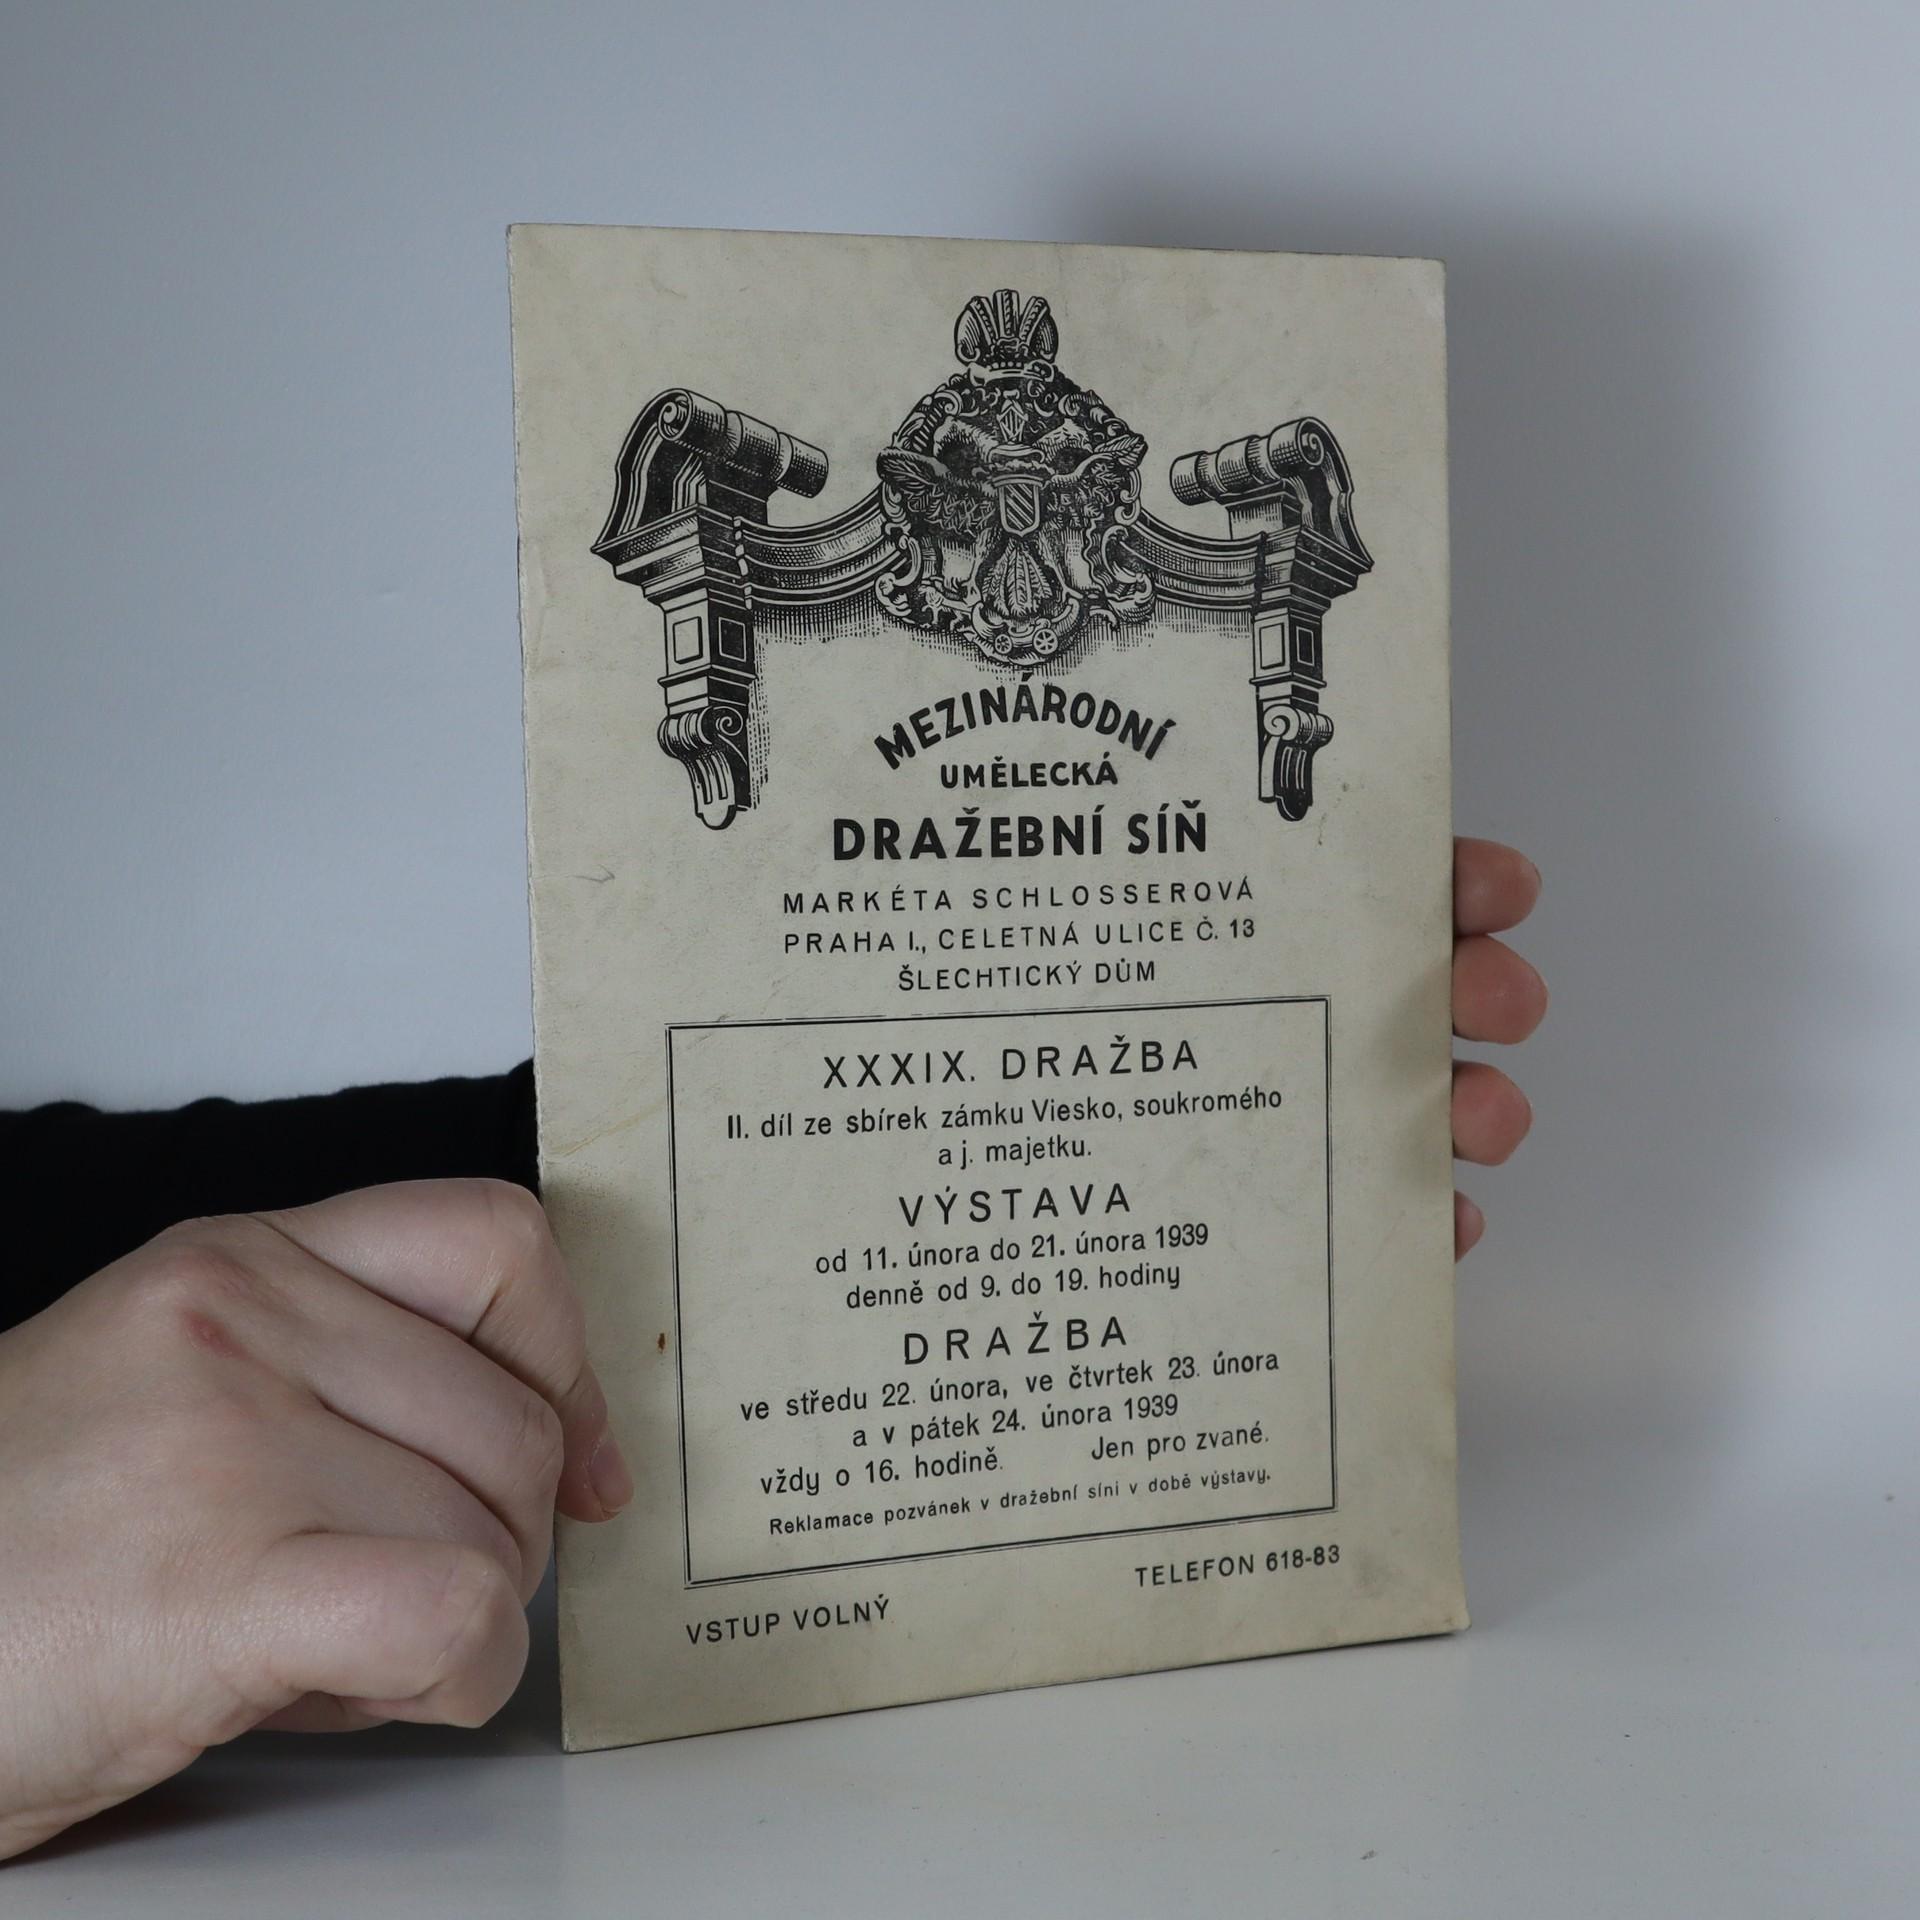 antikvární kniha XXXIX. dražba. II. díl ze sbírek zámku Viesko, soukromého a j. majetku, neuveden